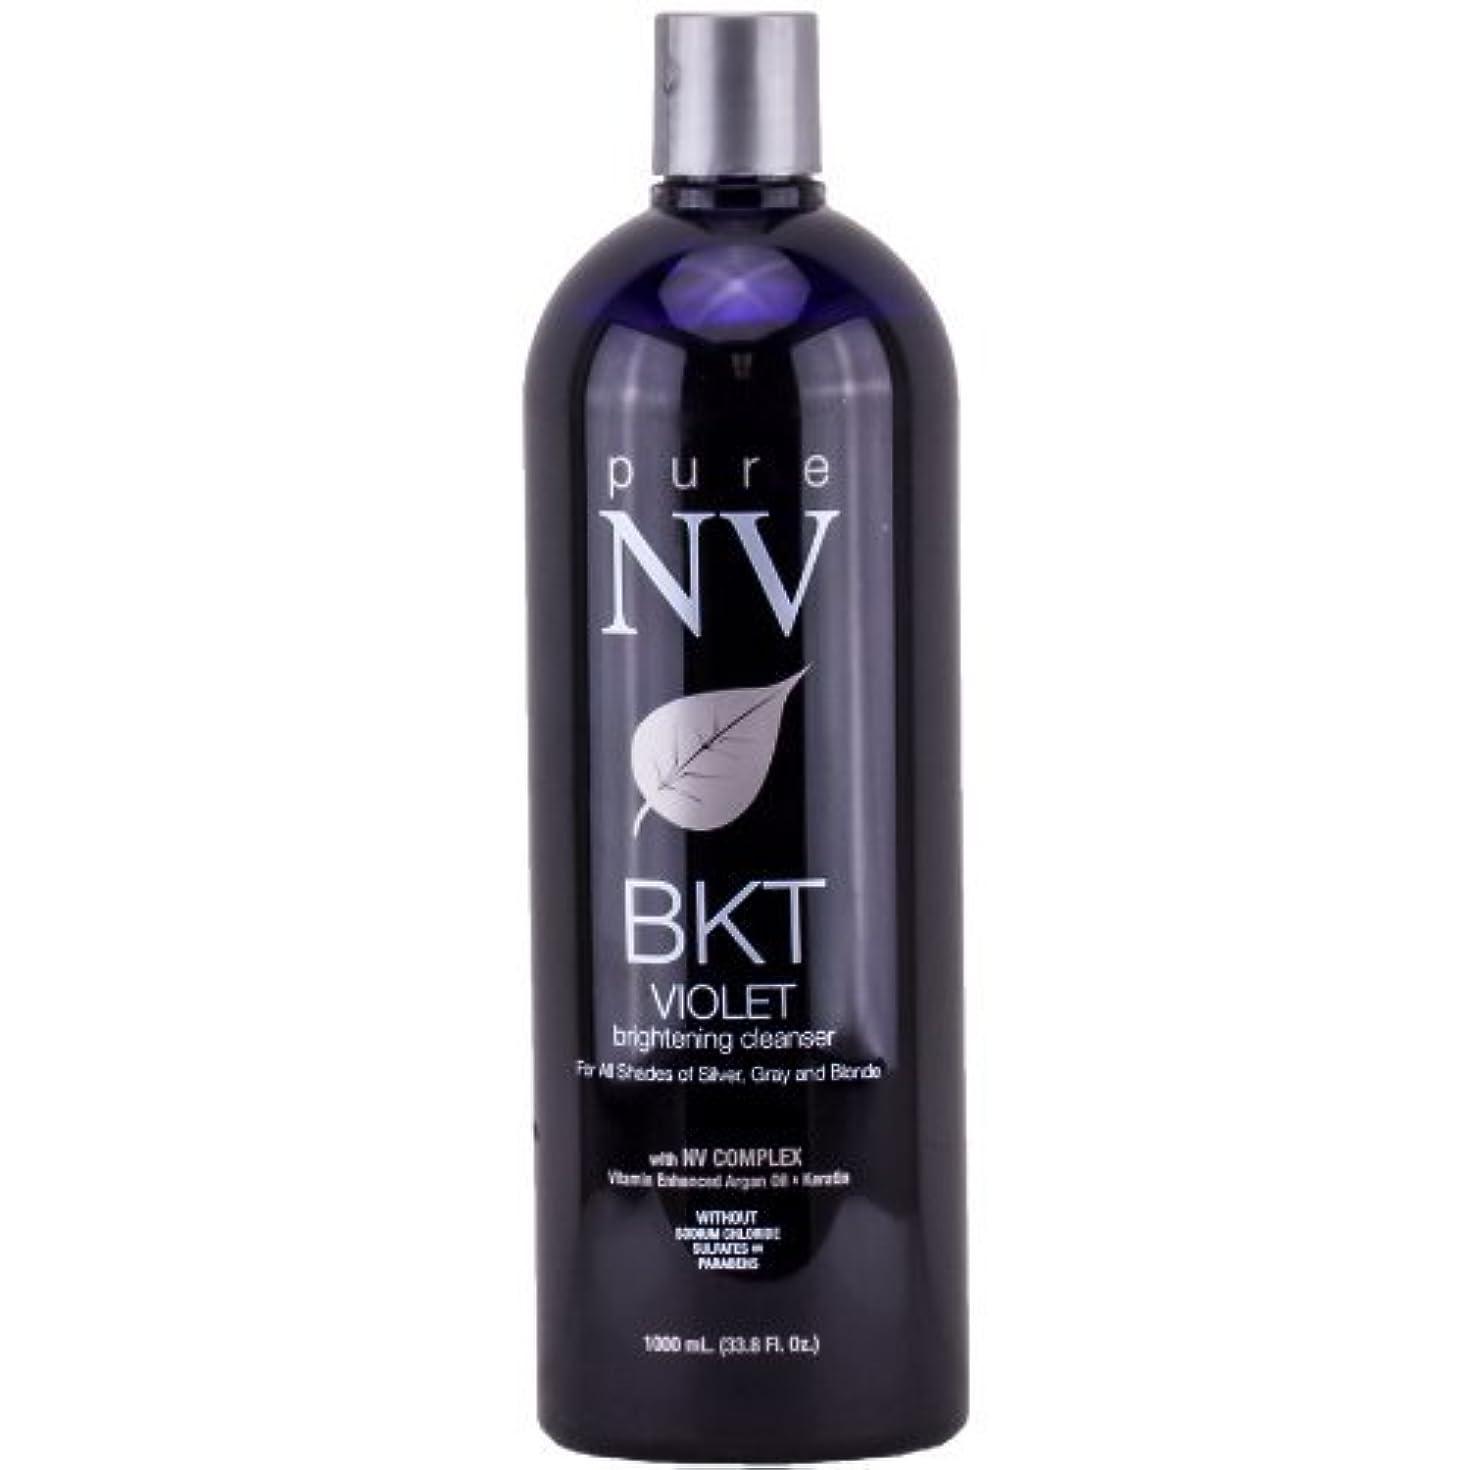 考古学的な混乱した百万Pure NV BKT バイオレットブライトニングクレンザー - 33.8オンス 33.8オンス